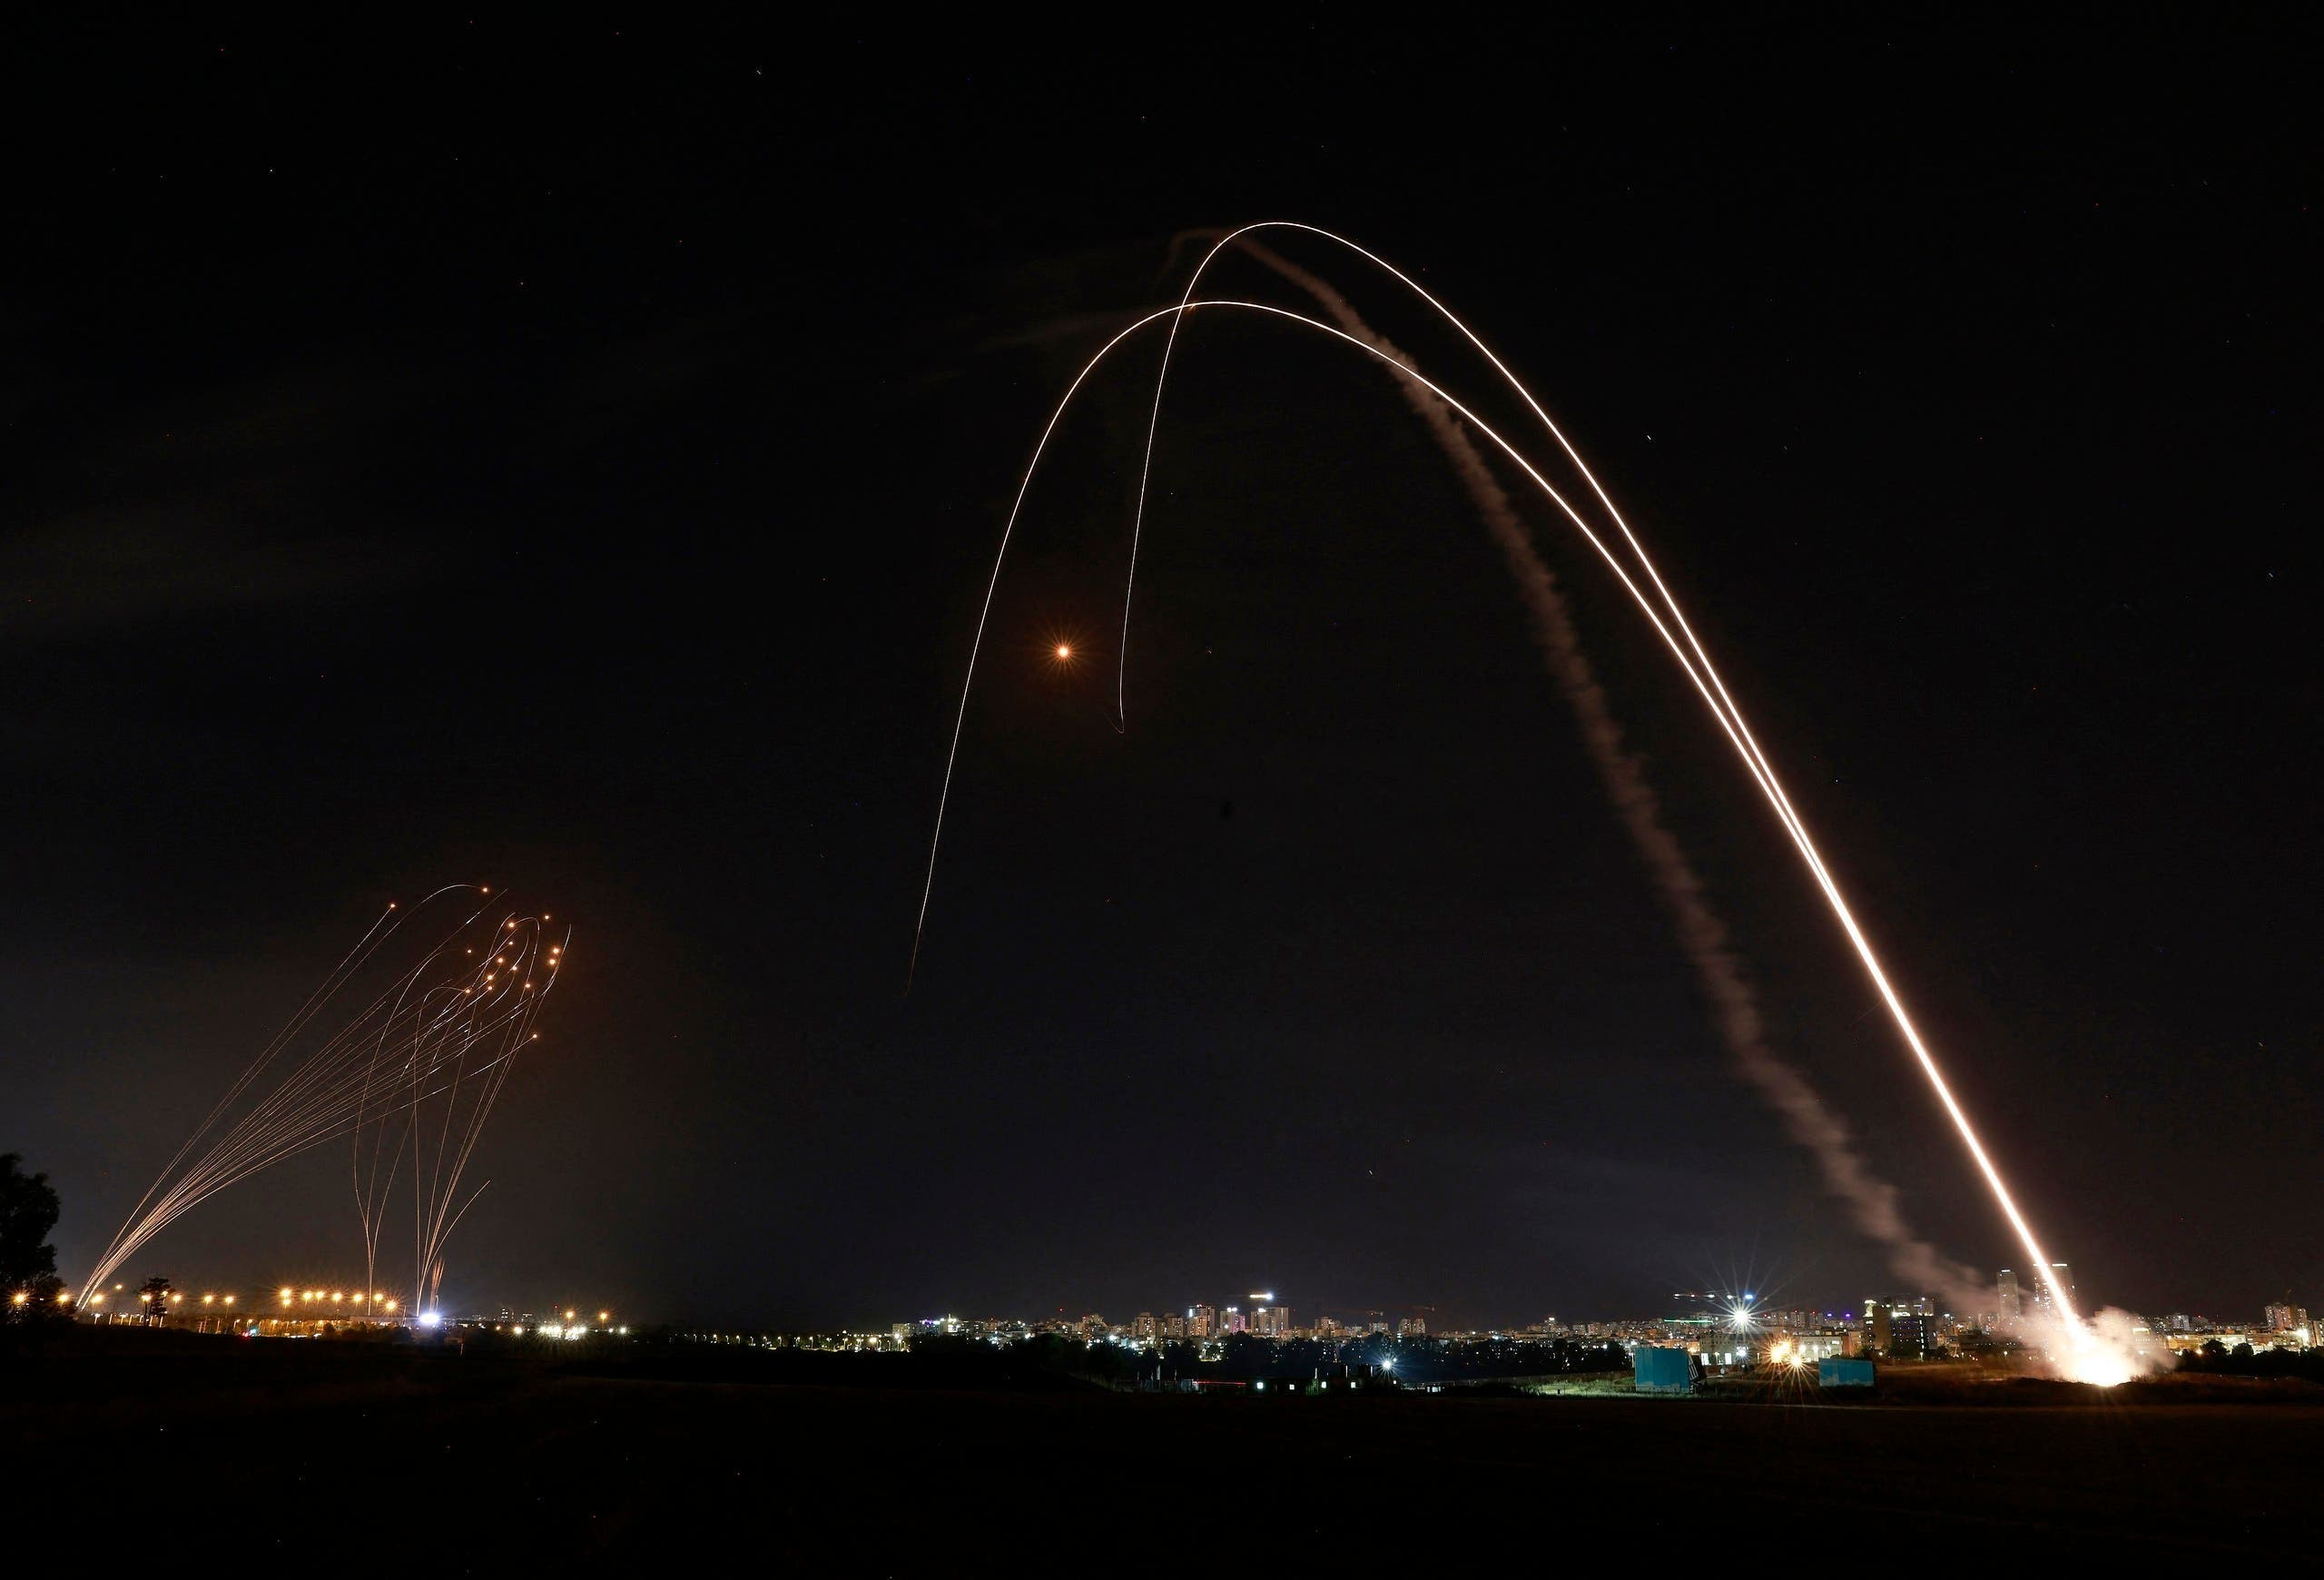 آئرن ڈوم غزہ سے فائر راکٹوں کو فضا میں ناکارہ بنا رہا ہے